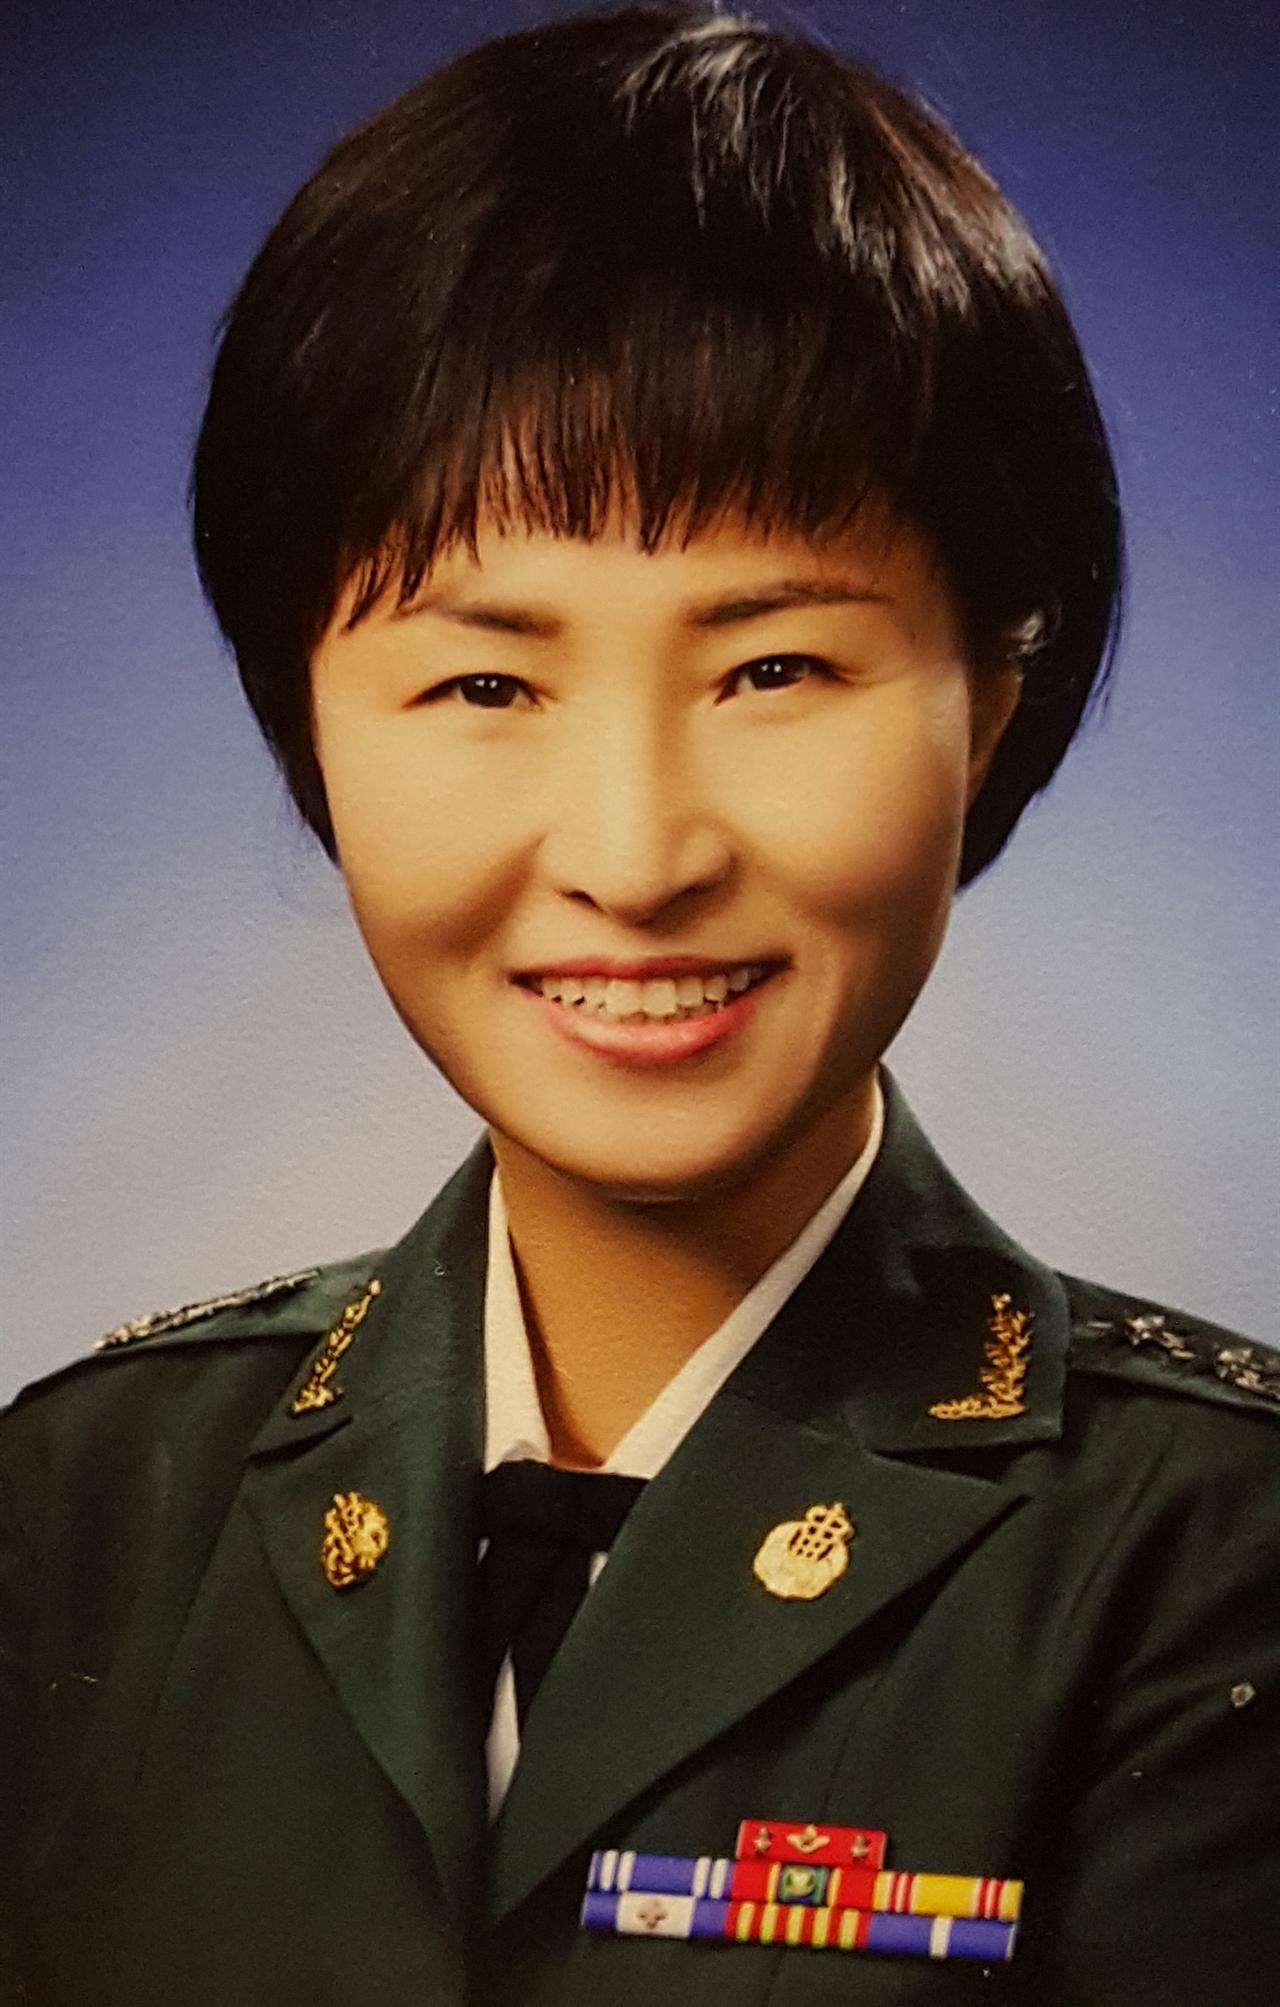 이종명 대위 이종명씨가 간직한 한국간호장교시절의 사진